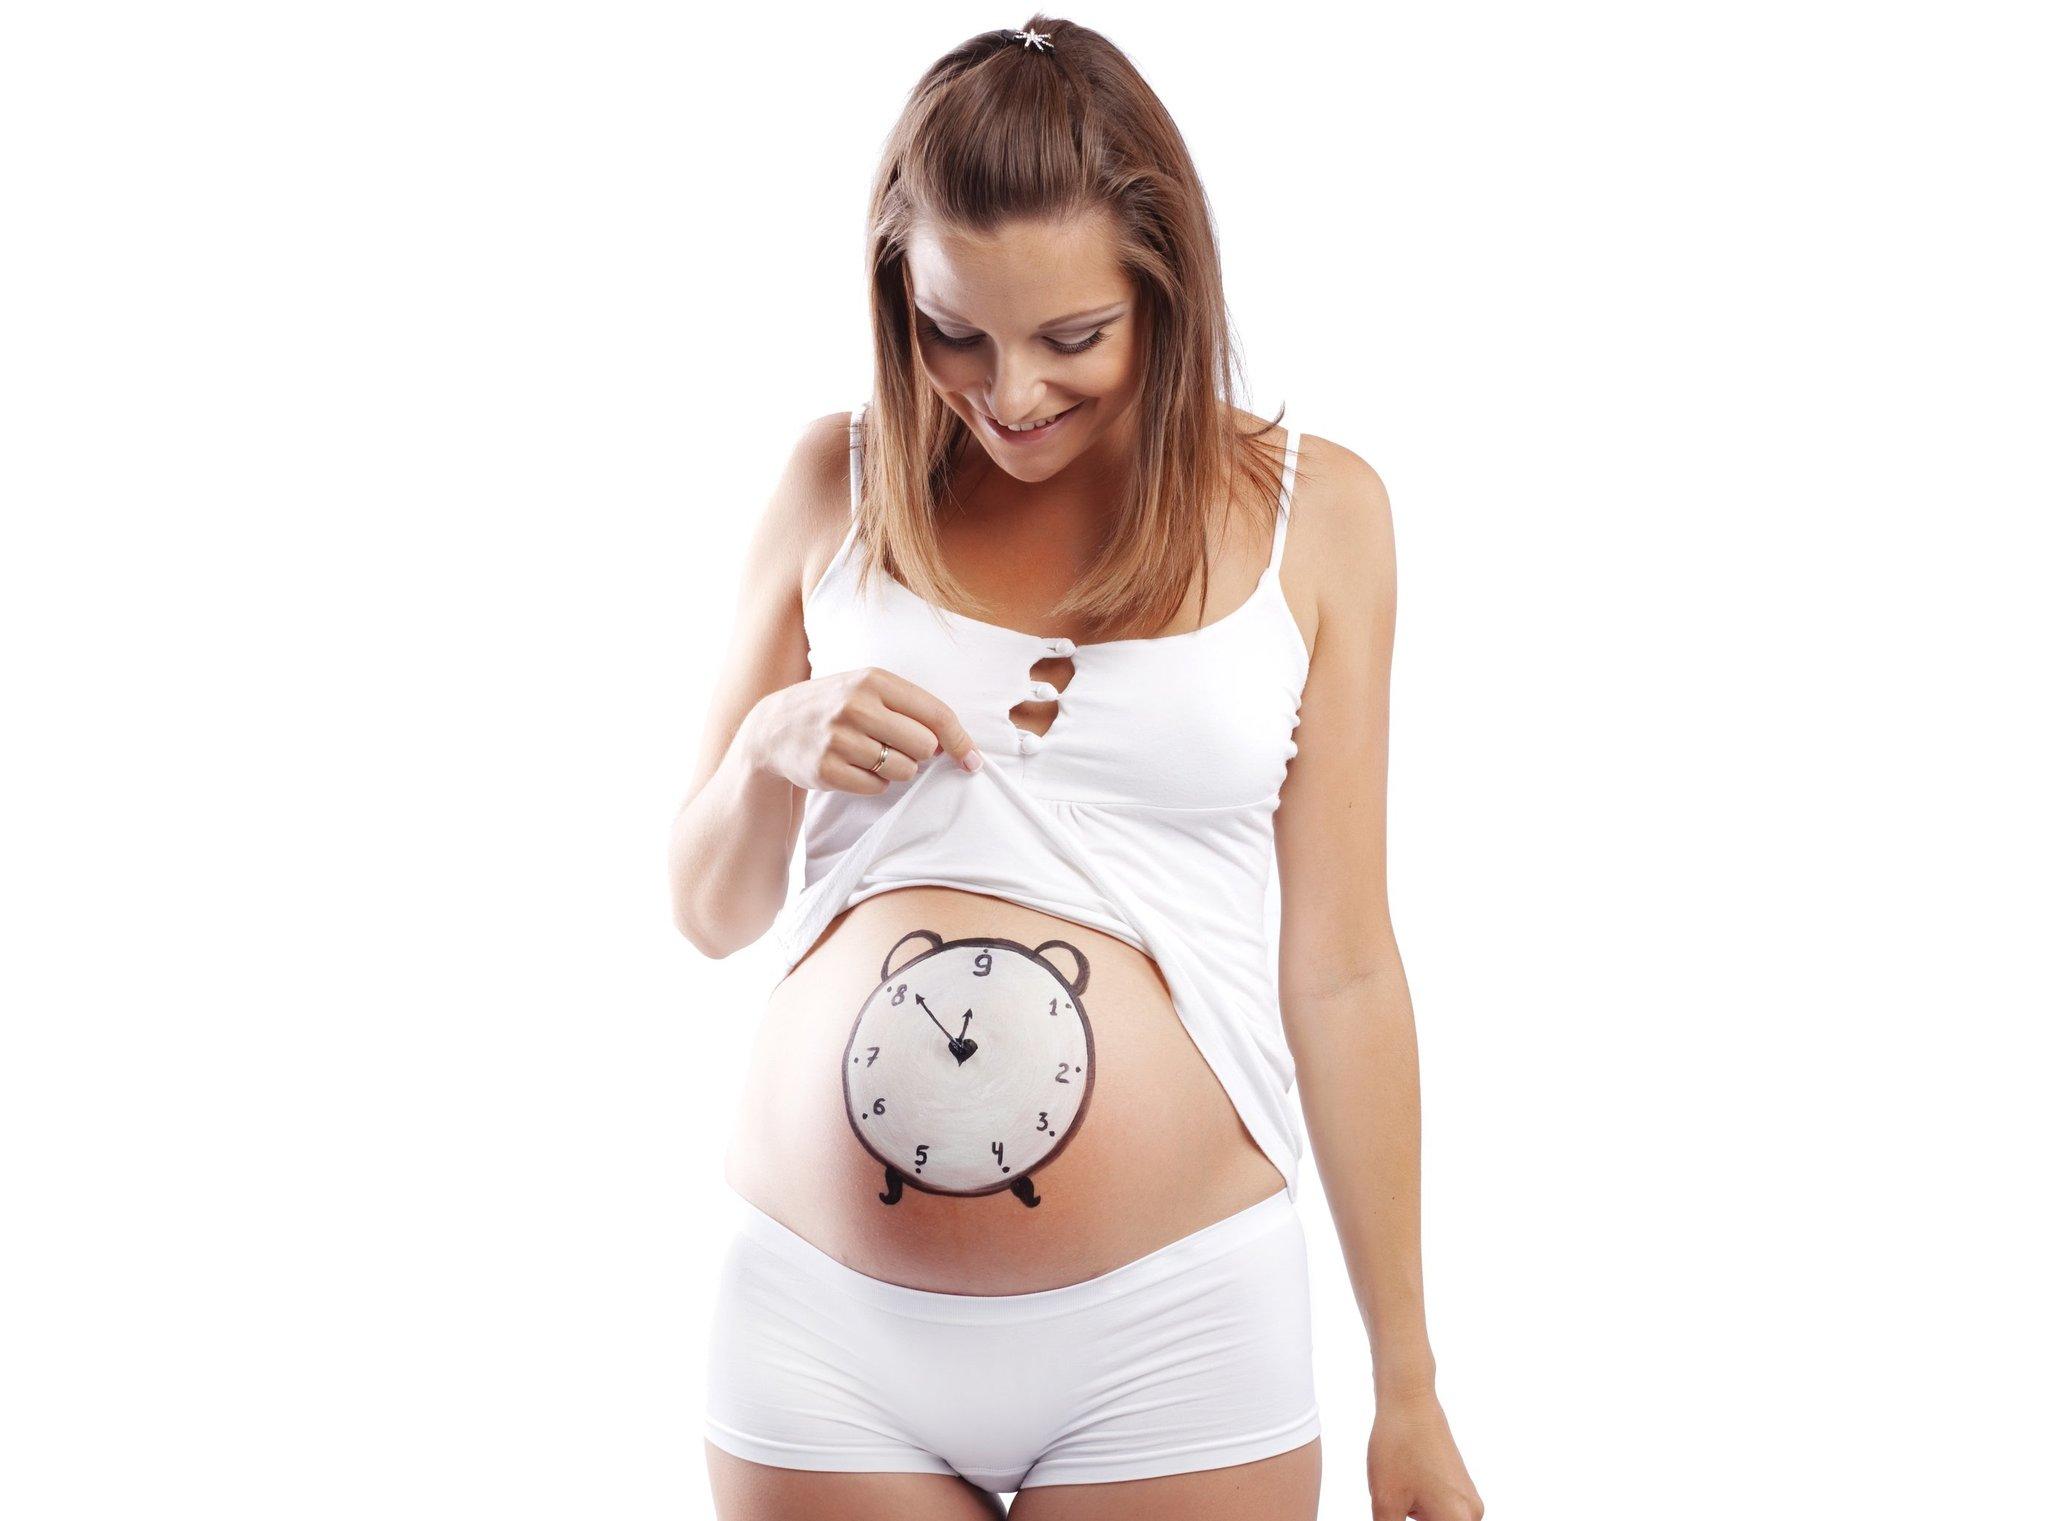 Андрей, прикольные картинки беременные беременность